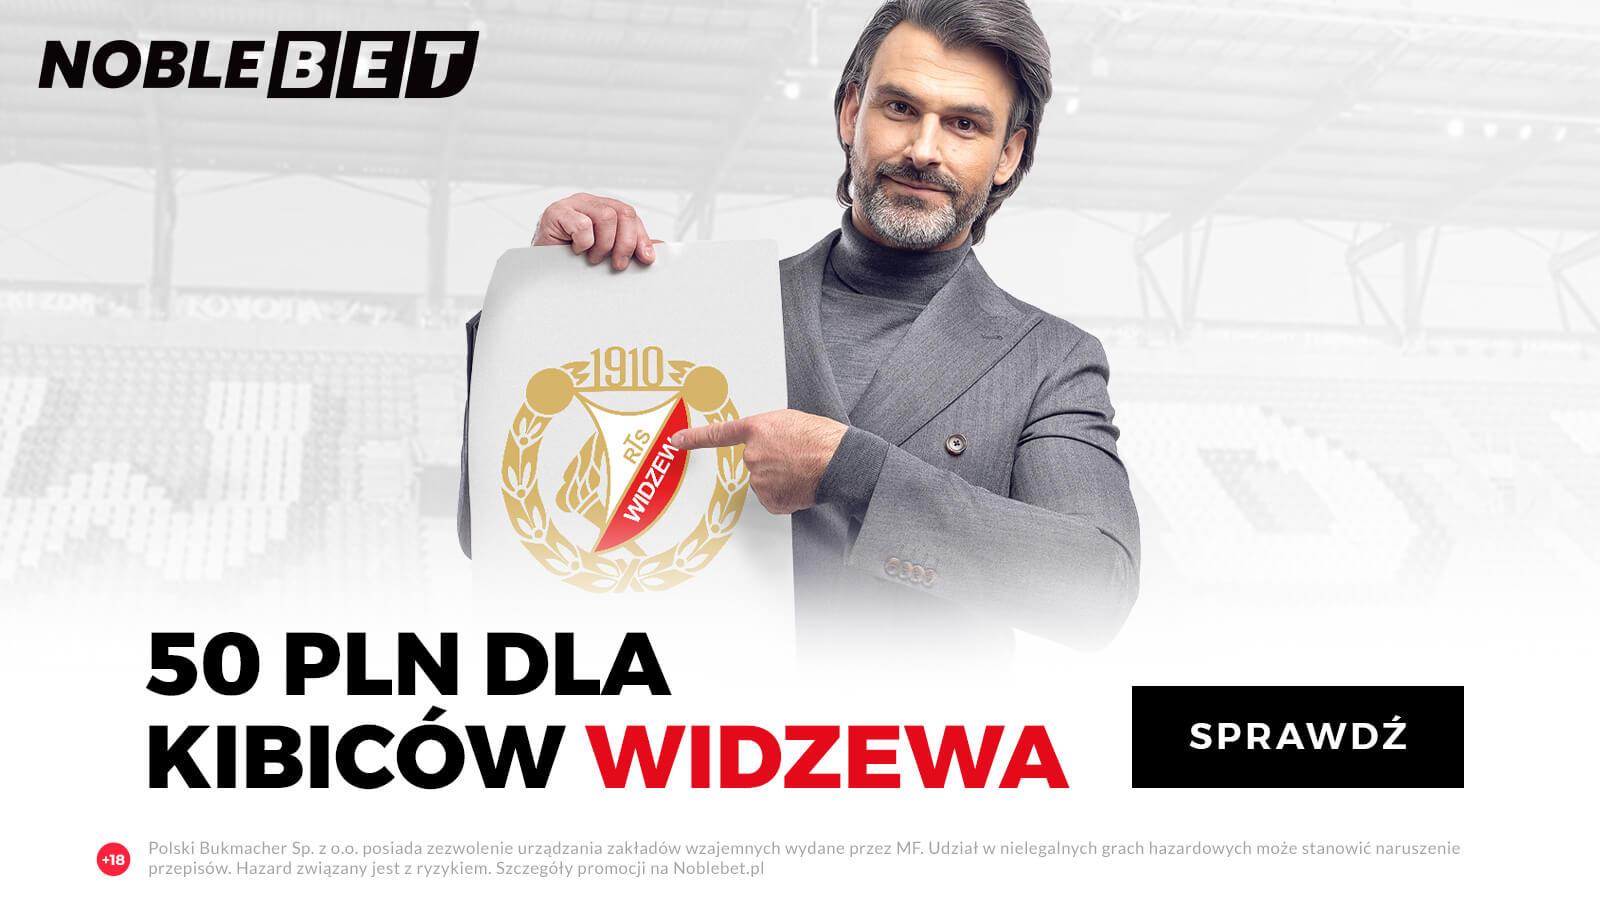 Dodatkowy bonus NOBLEBET dla kibiców Widzewa Łódź